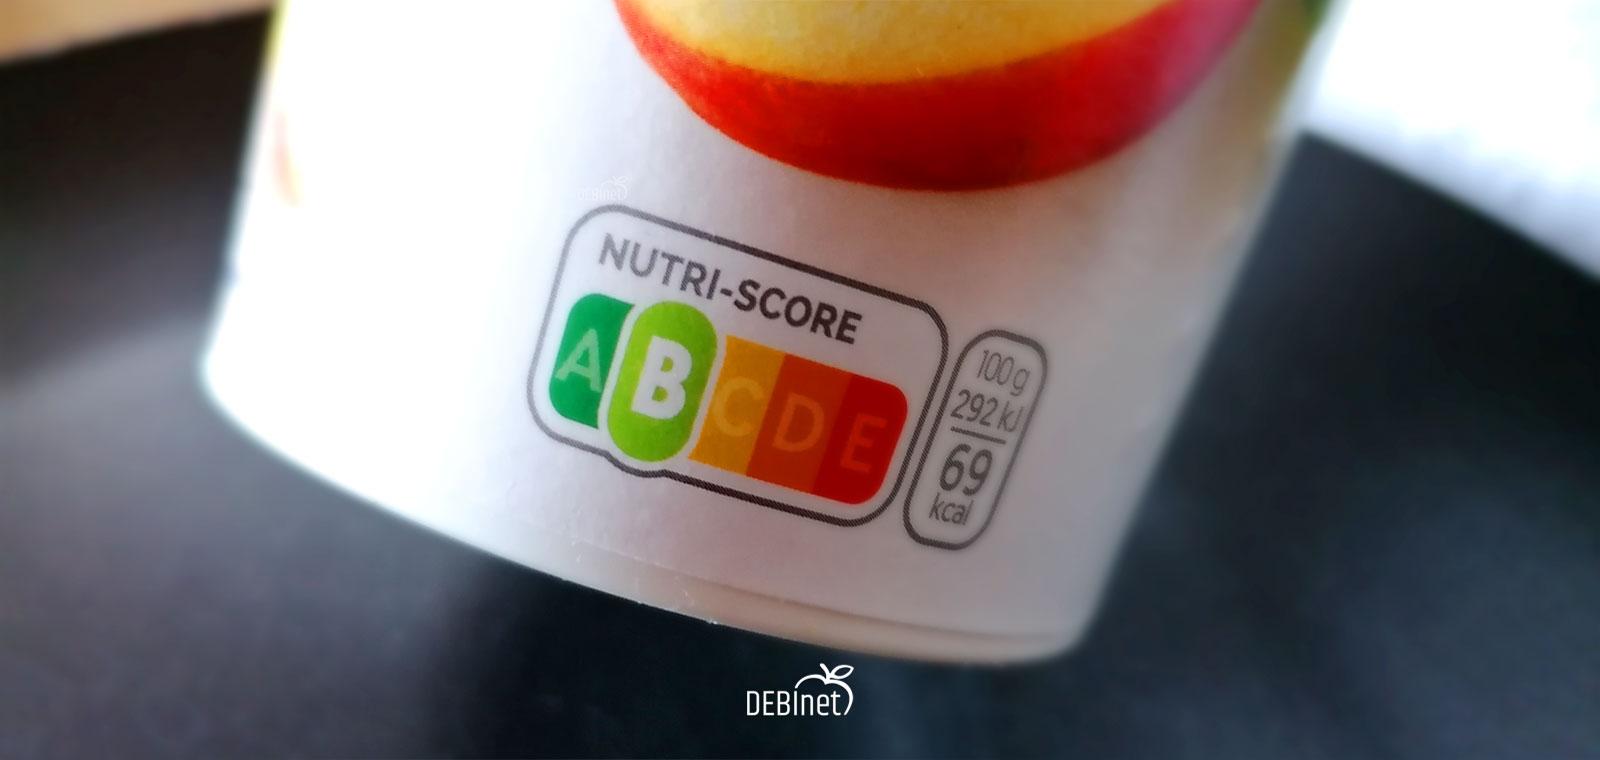 Bild von Nutri-Score auf Becher